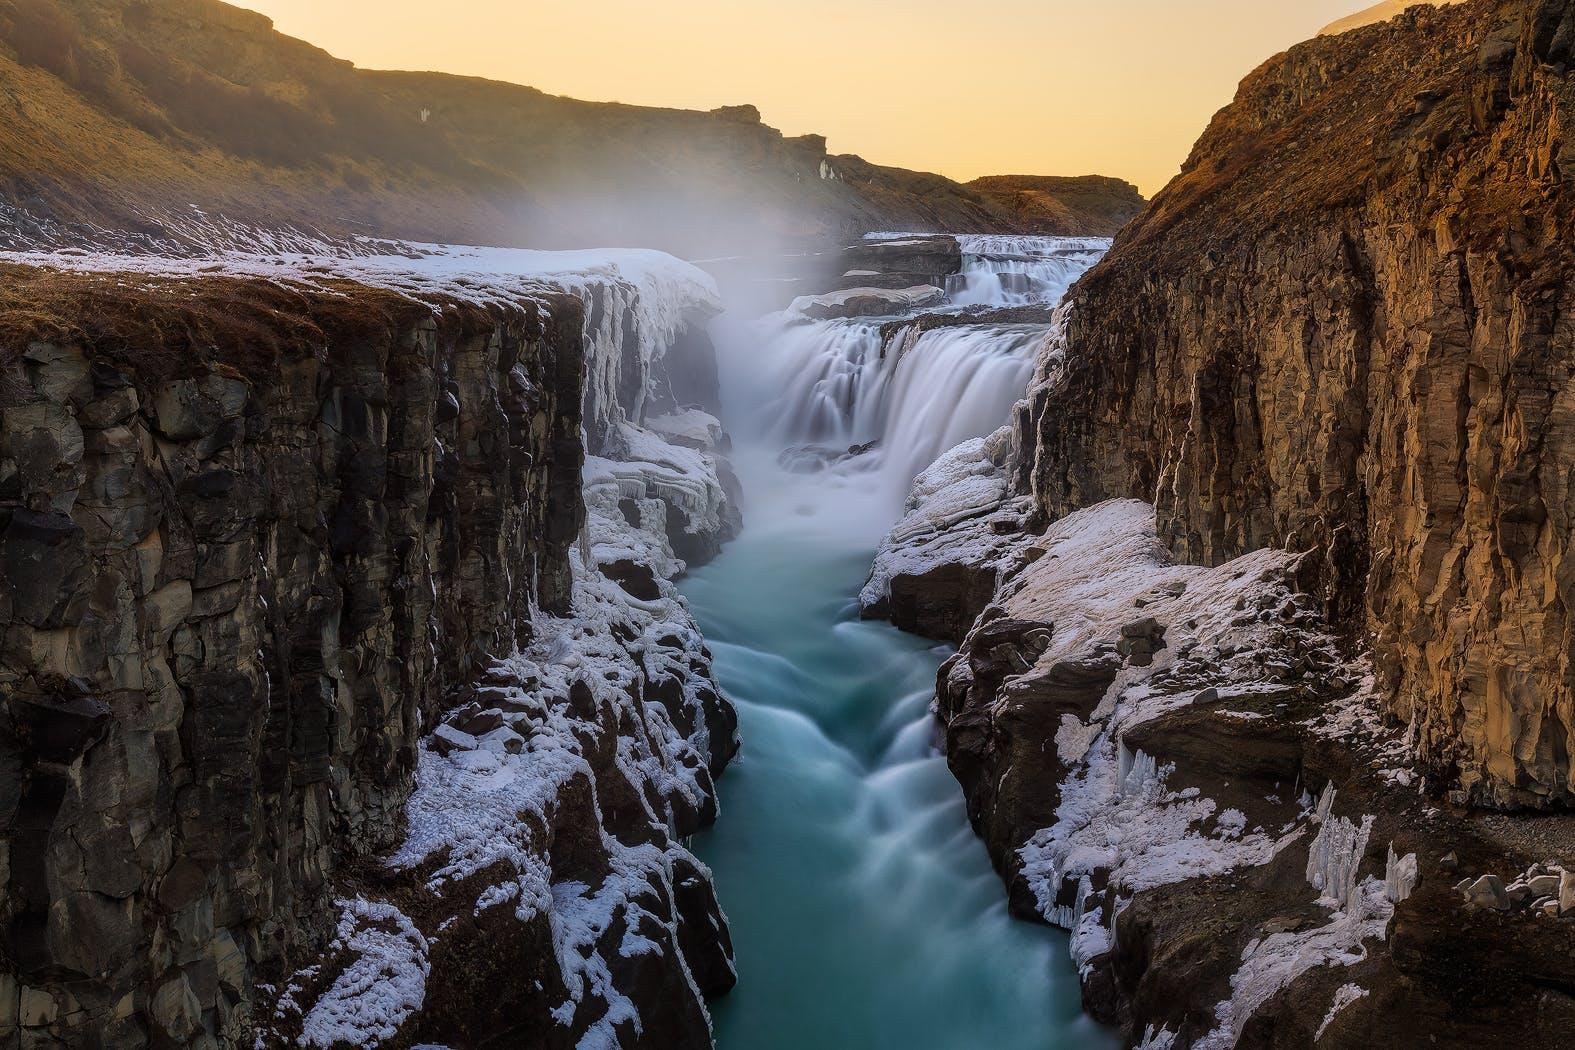 黄金瀑布是冰岛黄金圈路线中三大主要景点的其中之一。